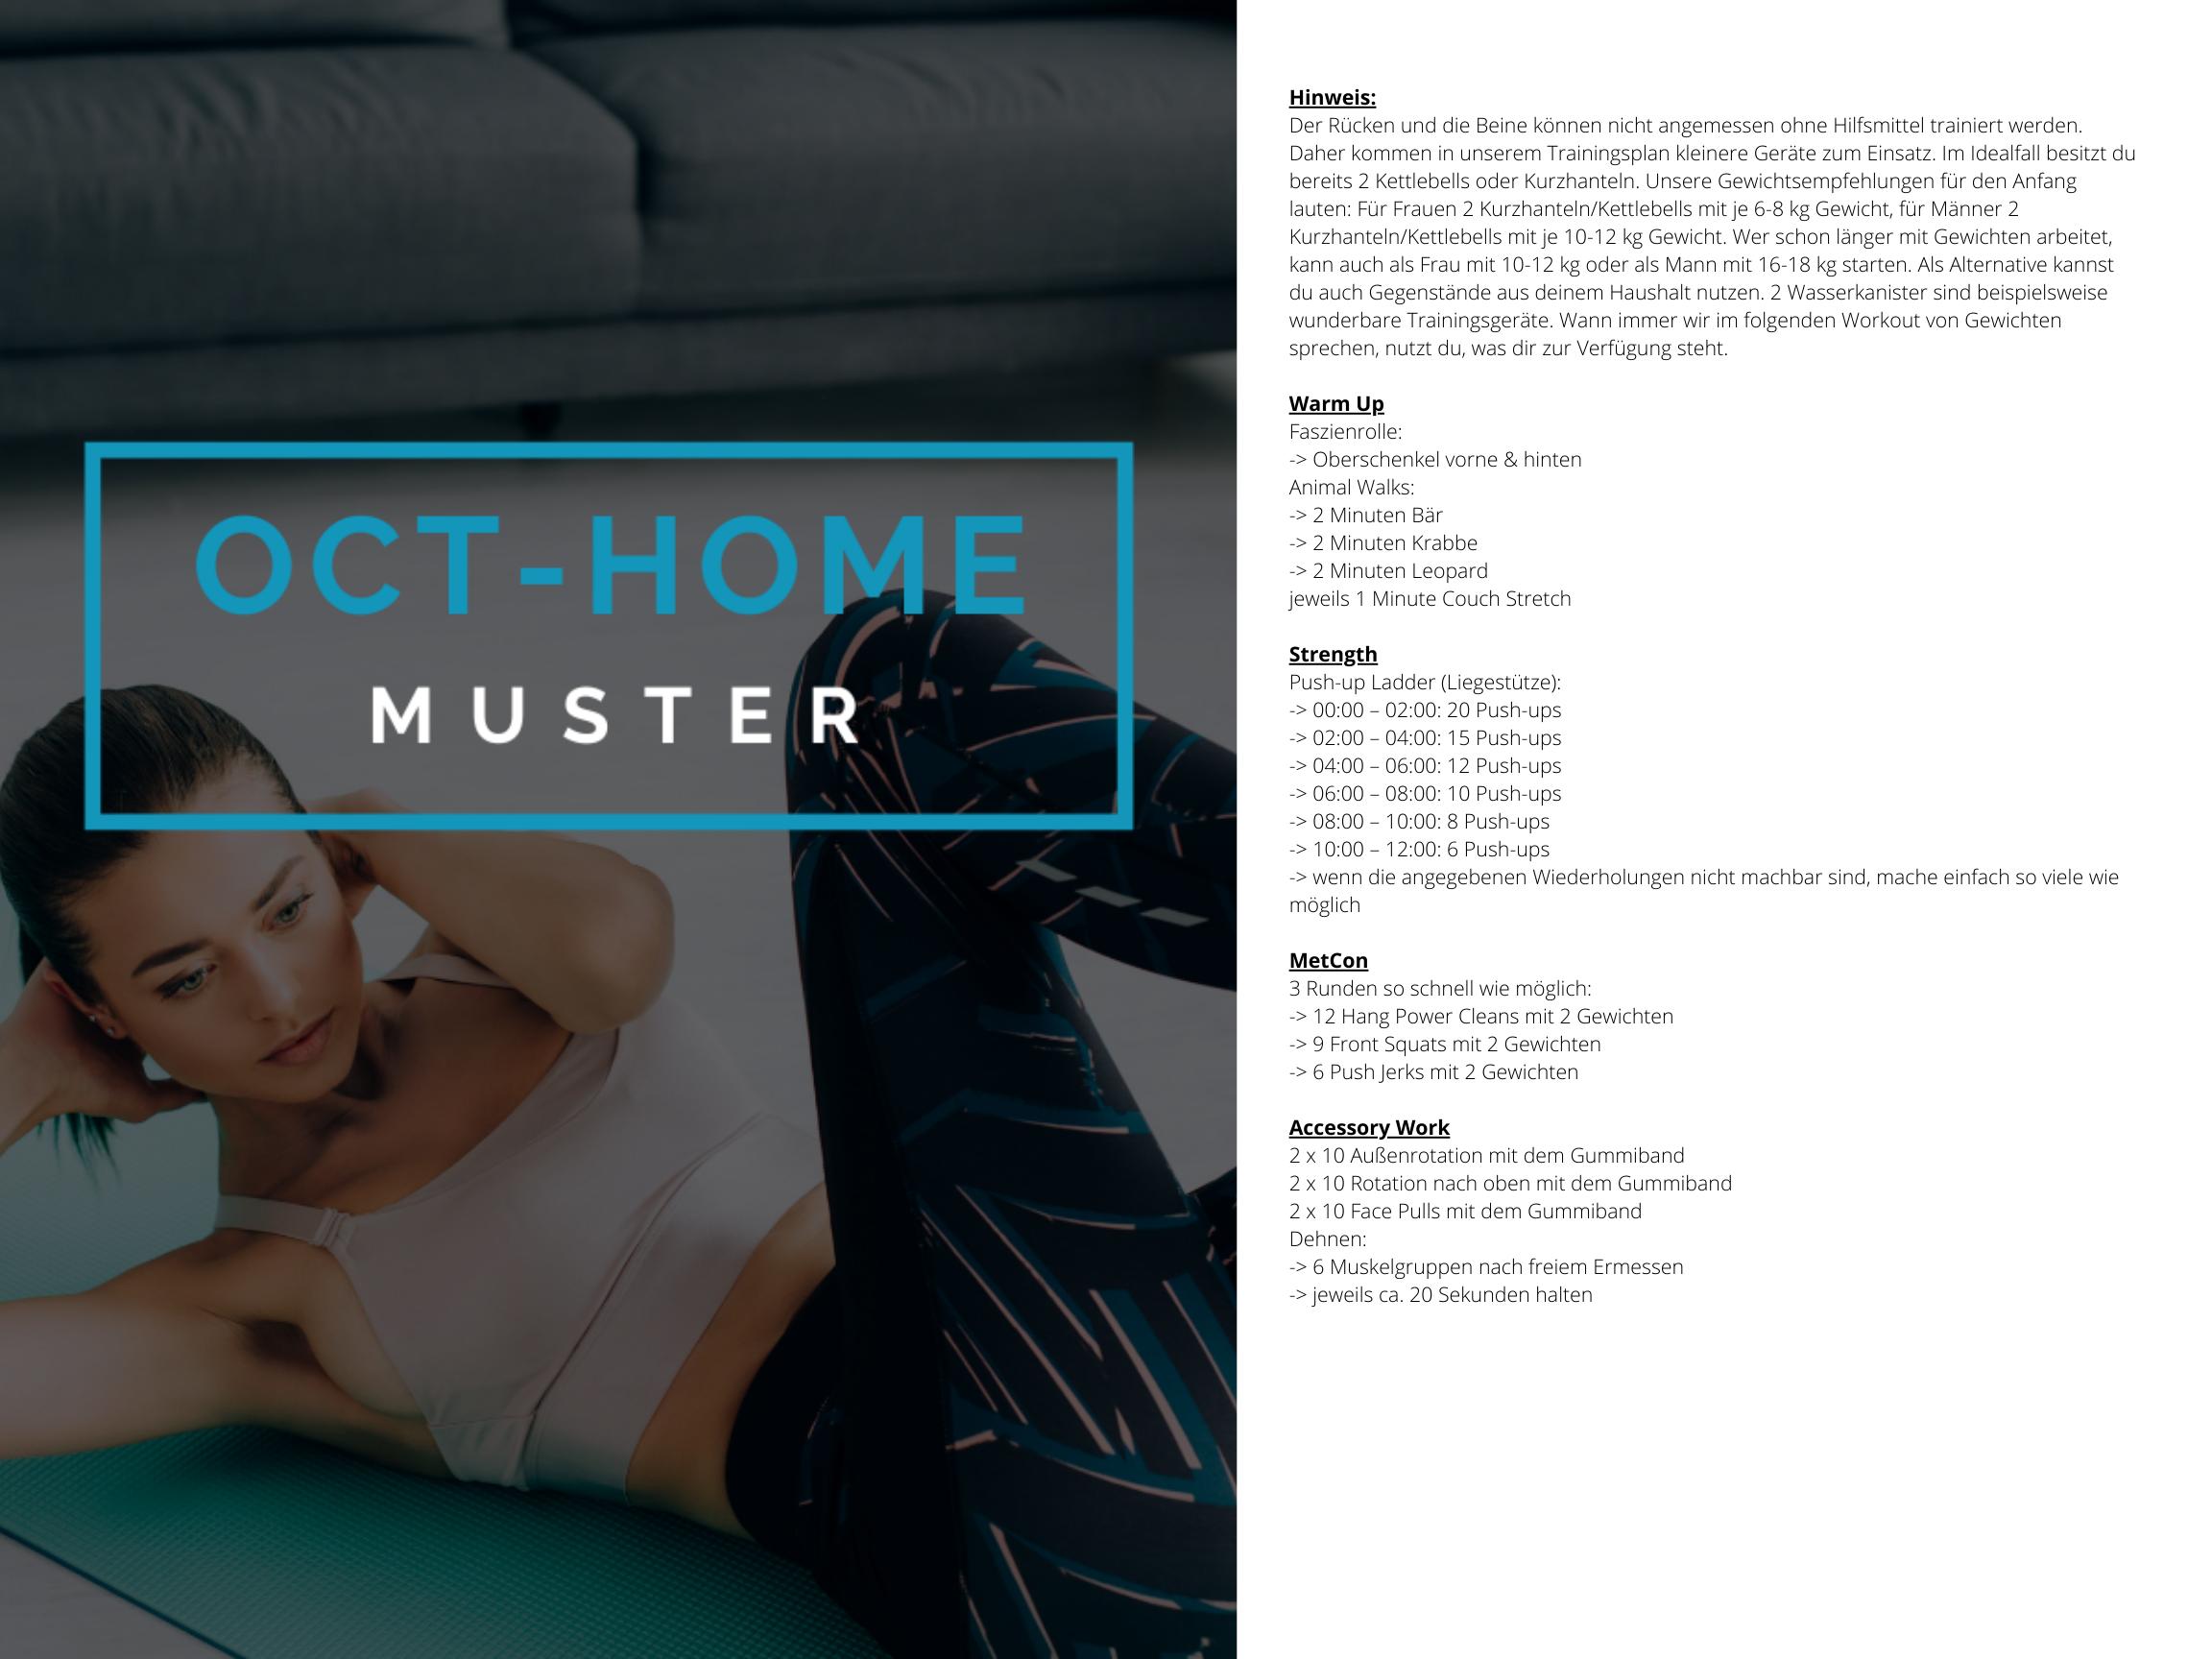 OCT-HOME Muster Trainingsplan 2